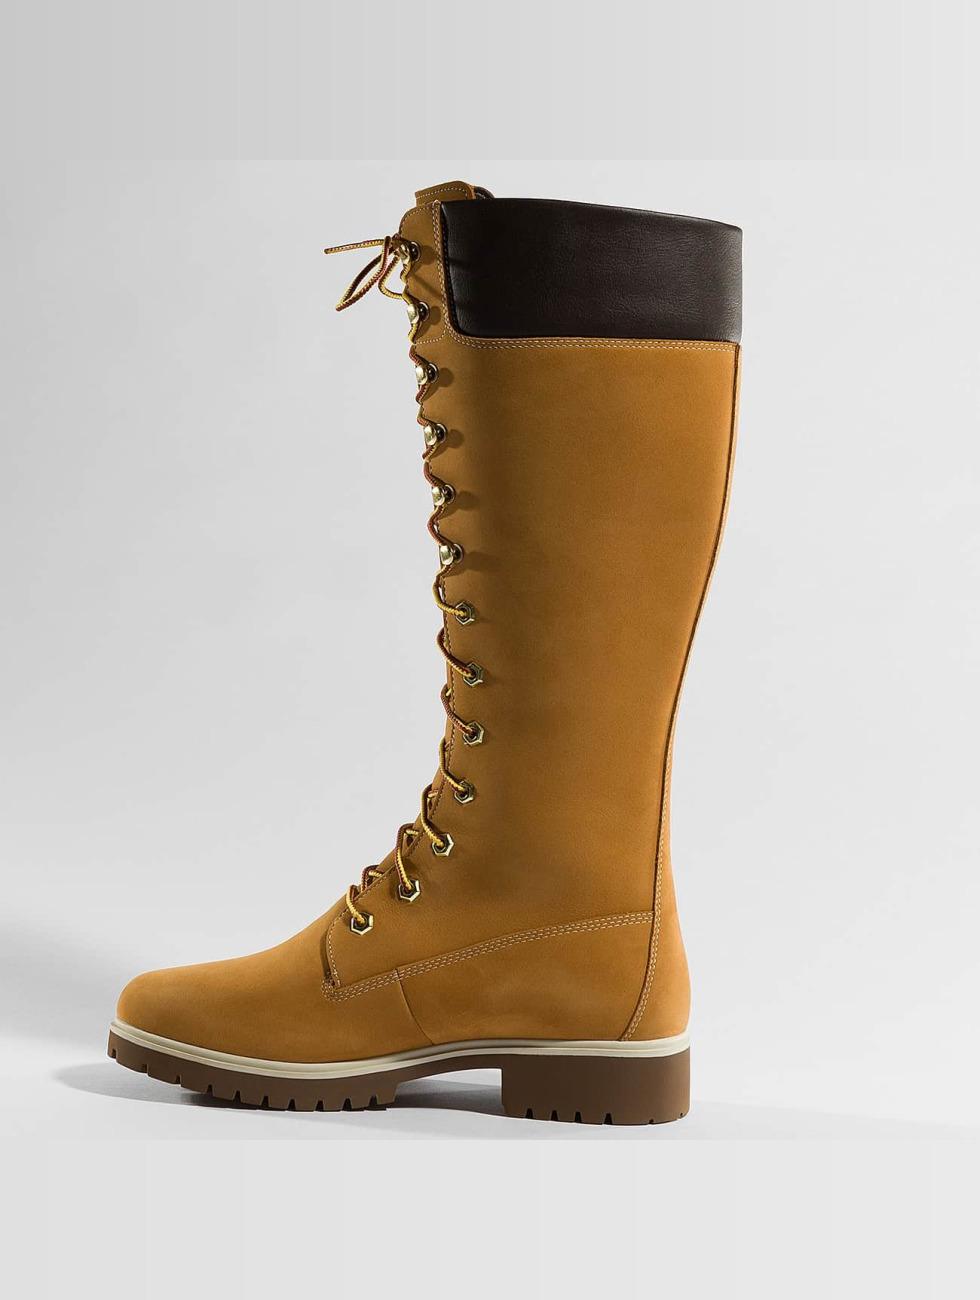 Jeu 2018 Unisexe Vente Pas Cher Exclusive Chaussures Timberland / Boot Premium 14 Pouces Beige Imperméable À L'eau 363 457 pfq3K